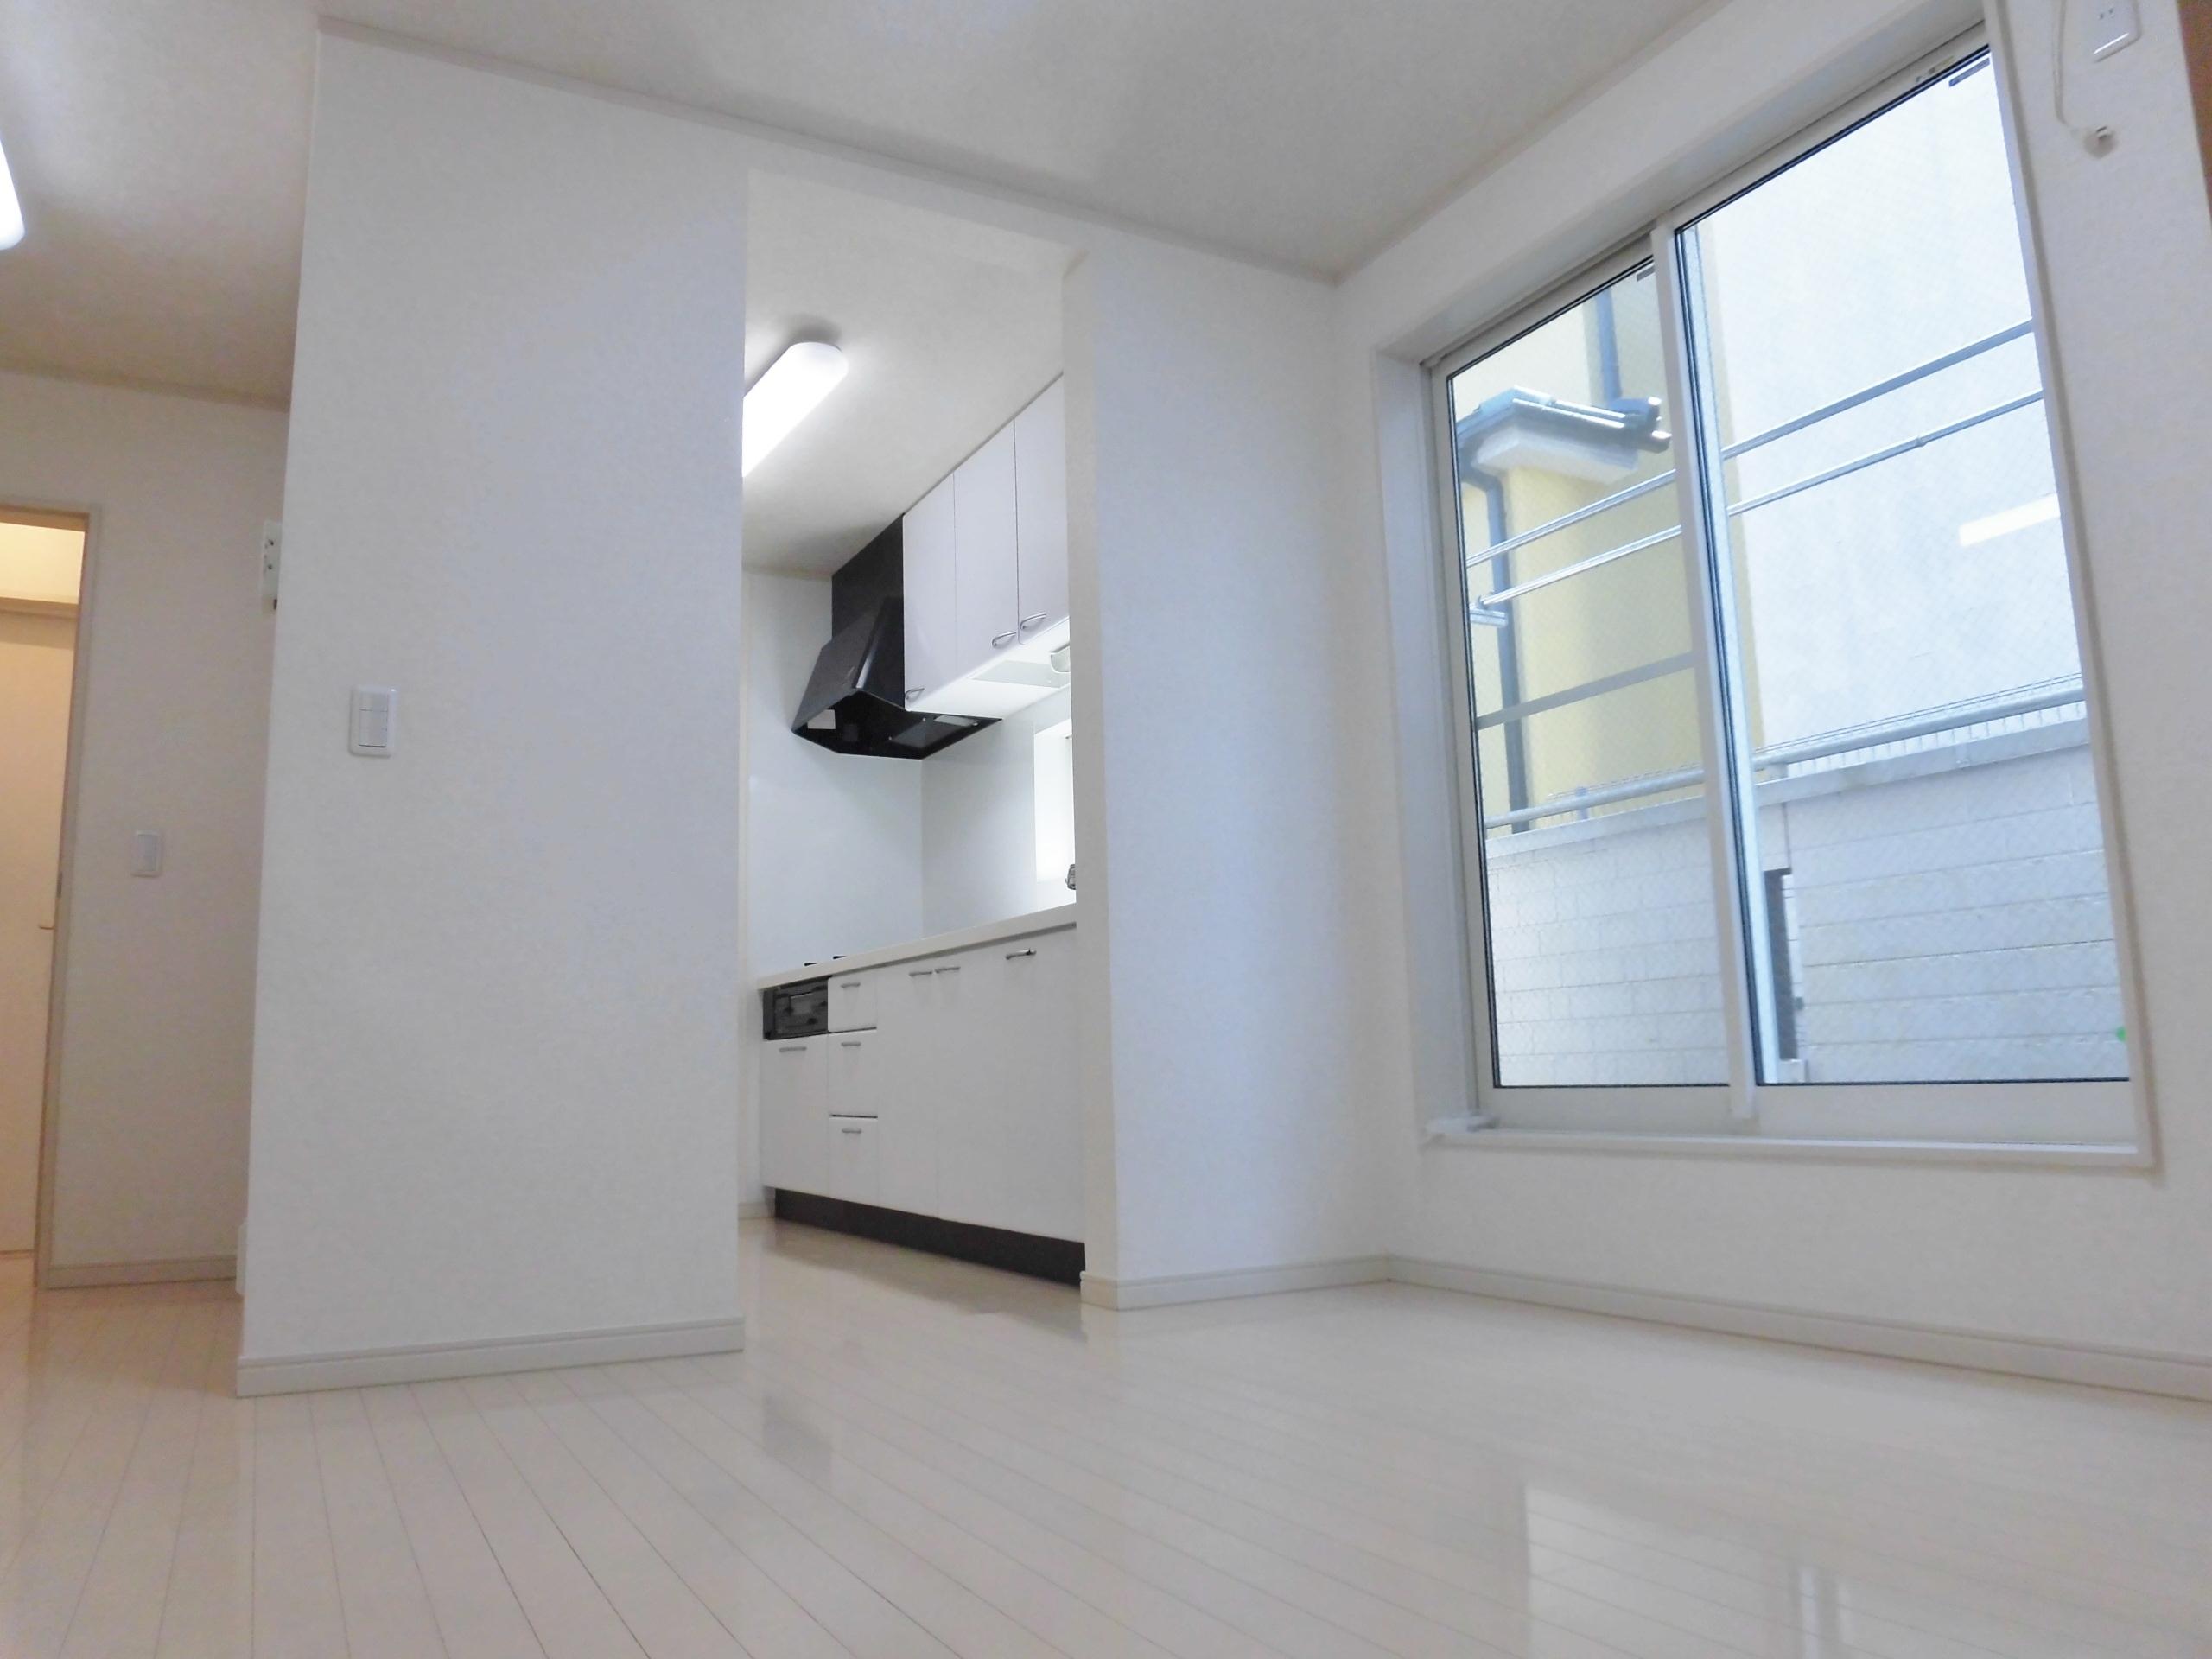 【外観写真】 LDK10.75帖のお部屋です。リビングは勿論、キッチンには窓がしっかりとあります!